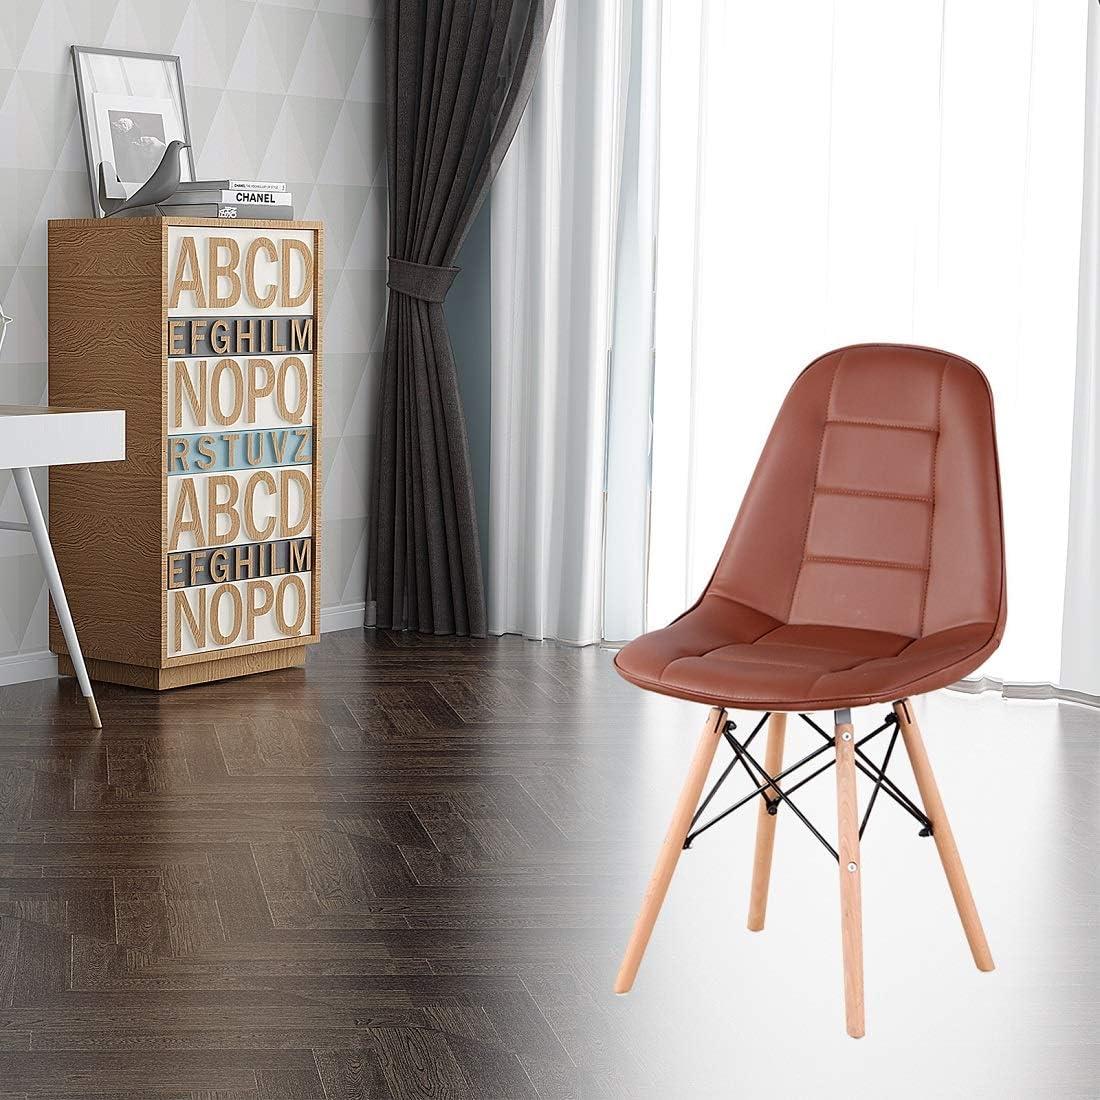 Luckeu Lot de 4 chaises de salle à manger en cuir avec pieds en chêne massif Marron Marron